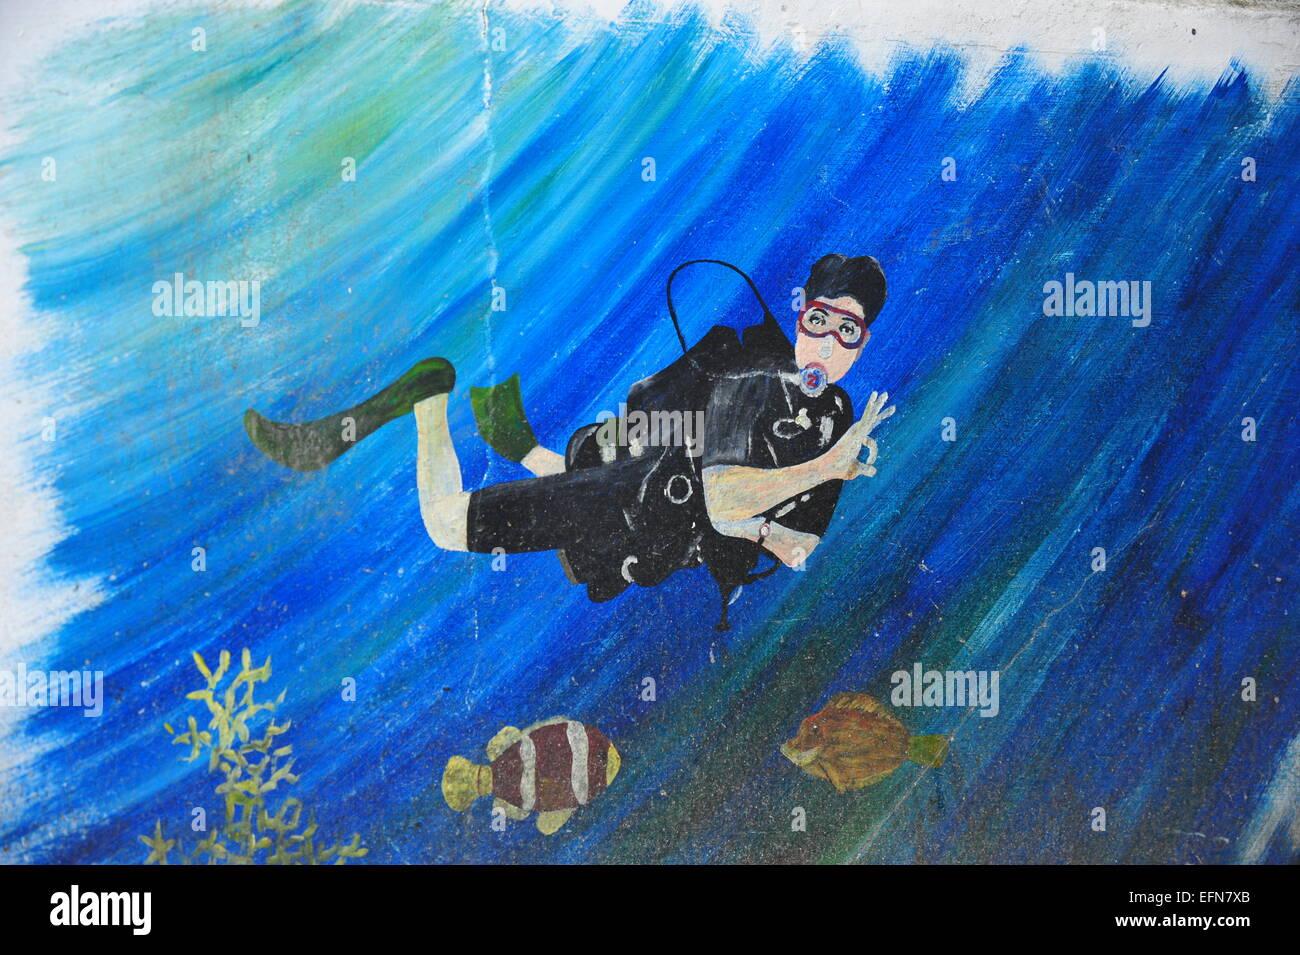 Wall Painting, Diver, Sabang, Puerto Galera, Mindoro, Philippines. - Stock Image